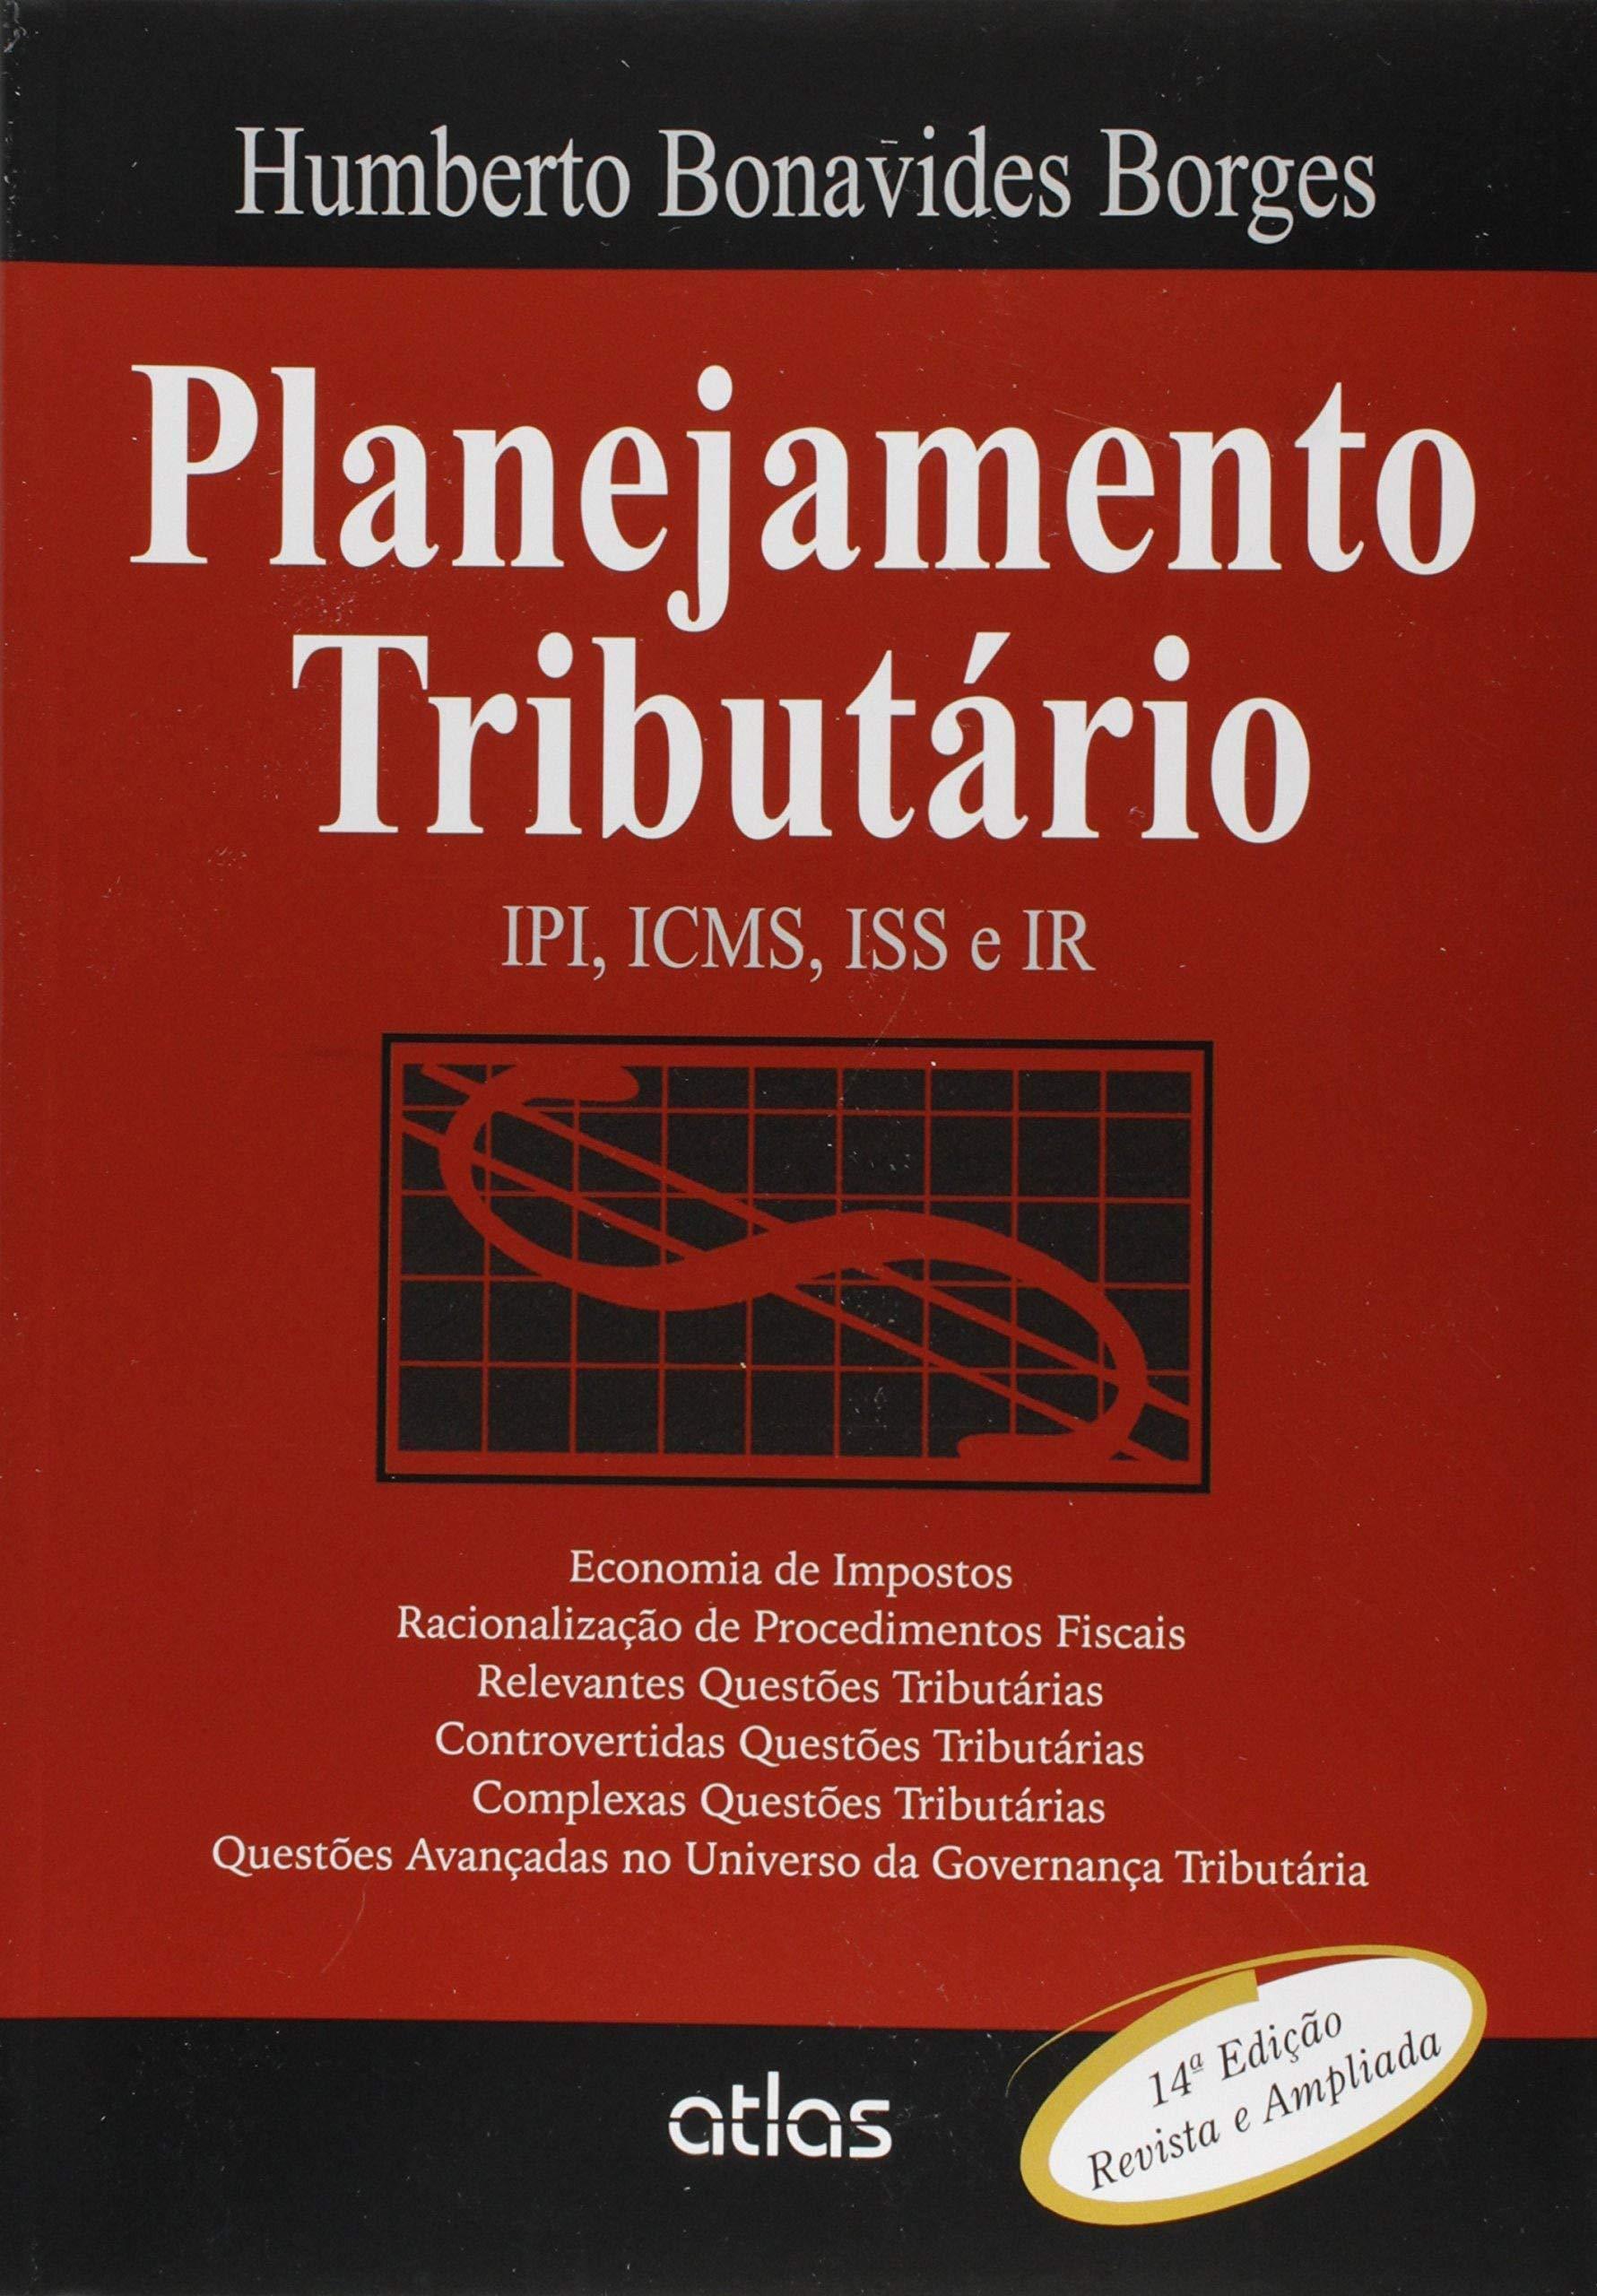 Planejamento Tributário  Ipi, Icms, Iss E Ir - 9788597001754 - Livros na  Amazon Brasil 4e987603b5